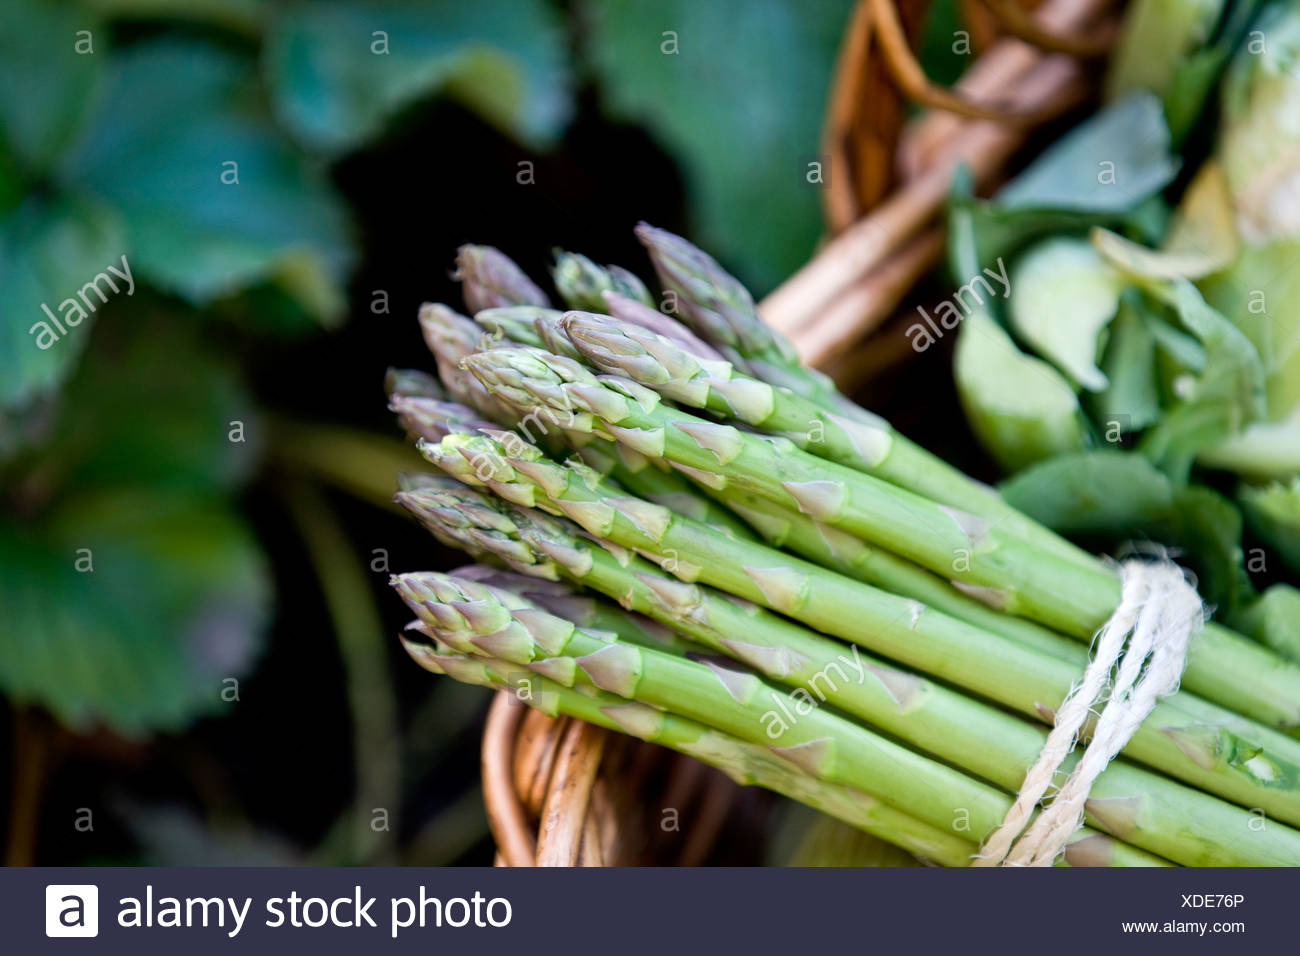 Un bouquet d'asperges dans un panier de légumes frais Photo Stock